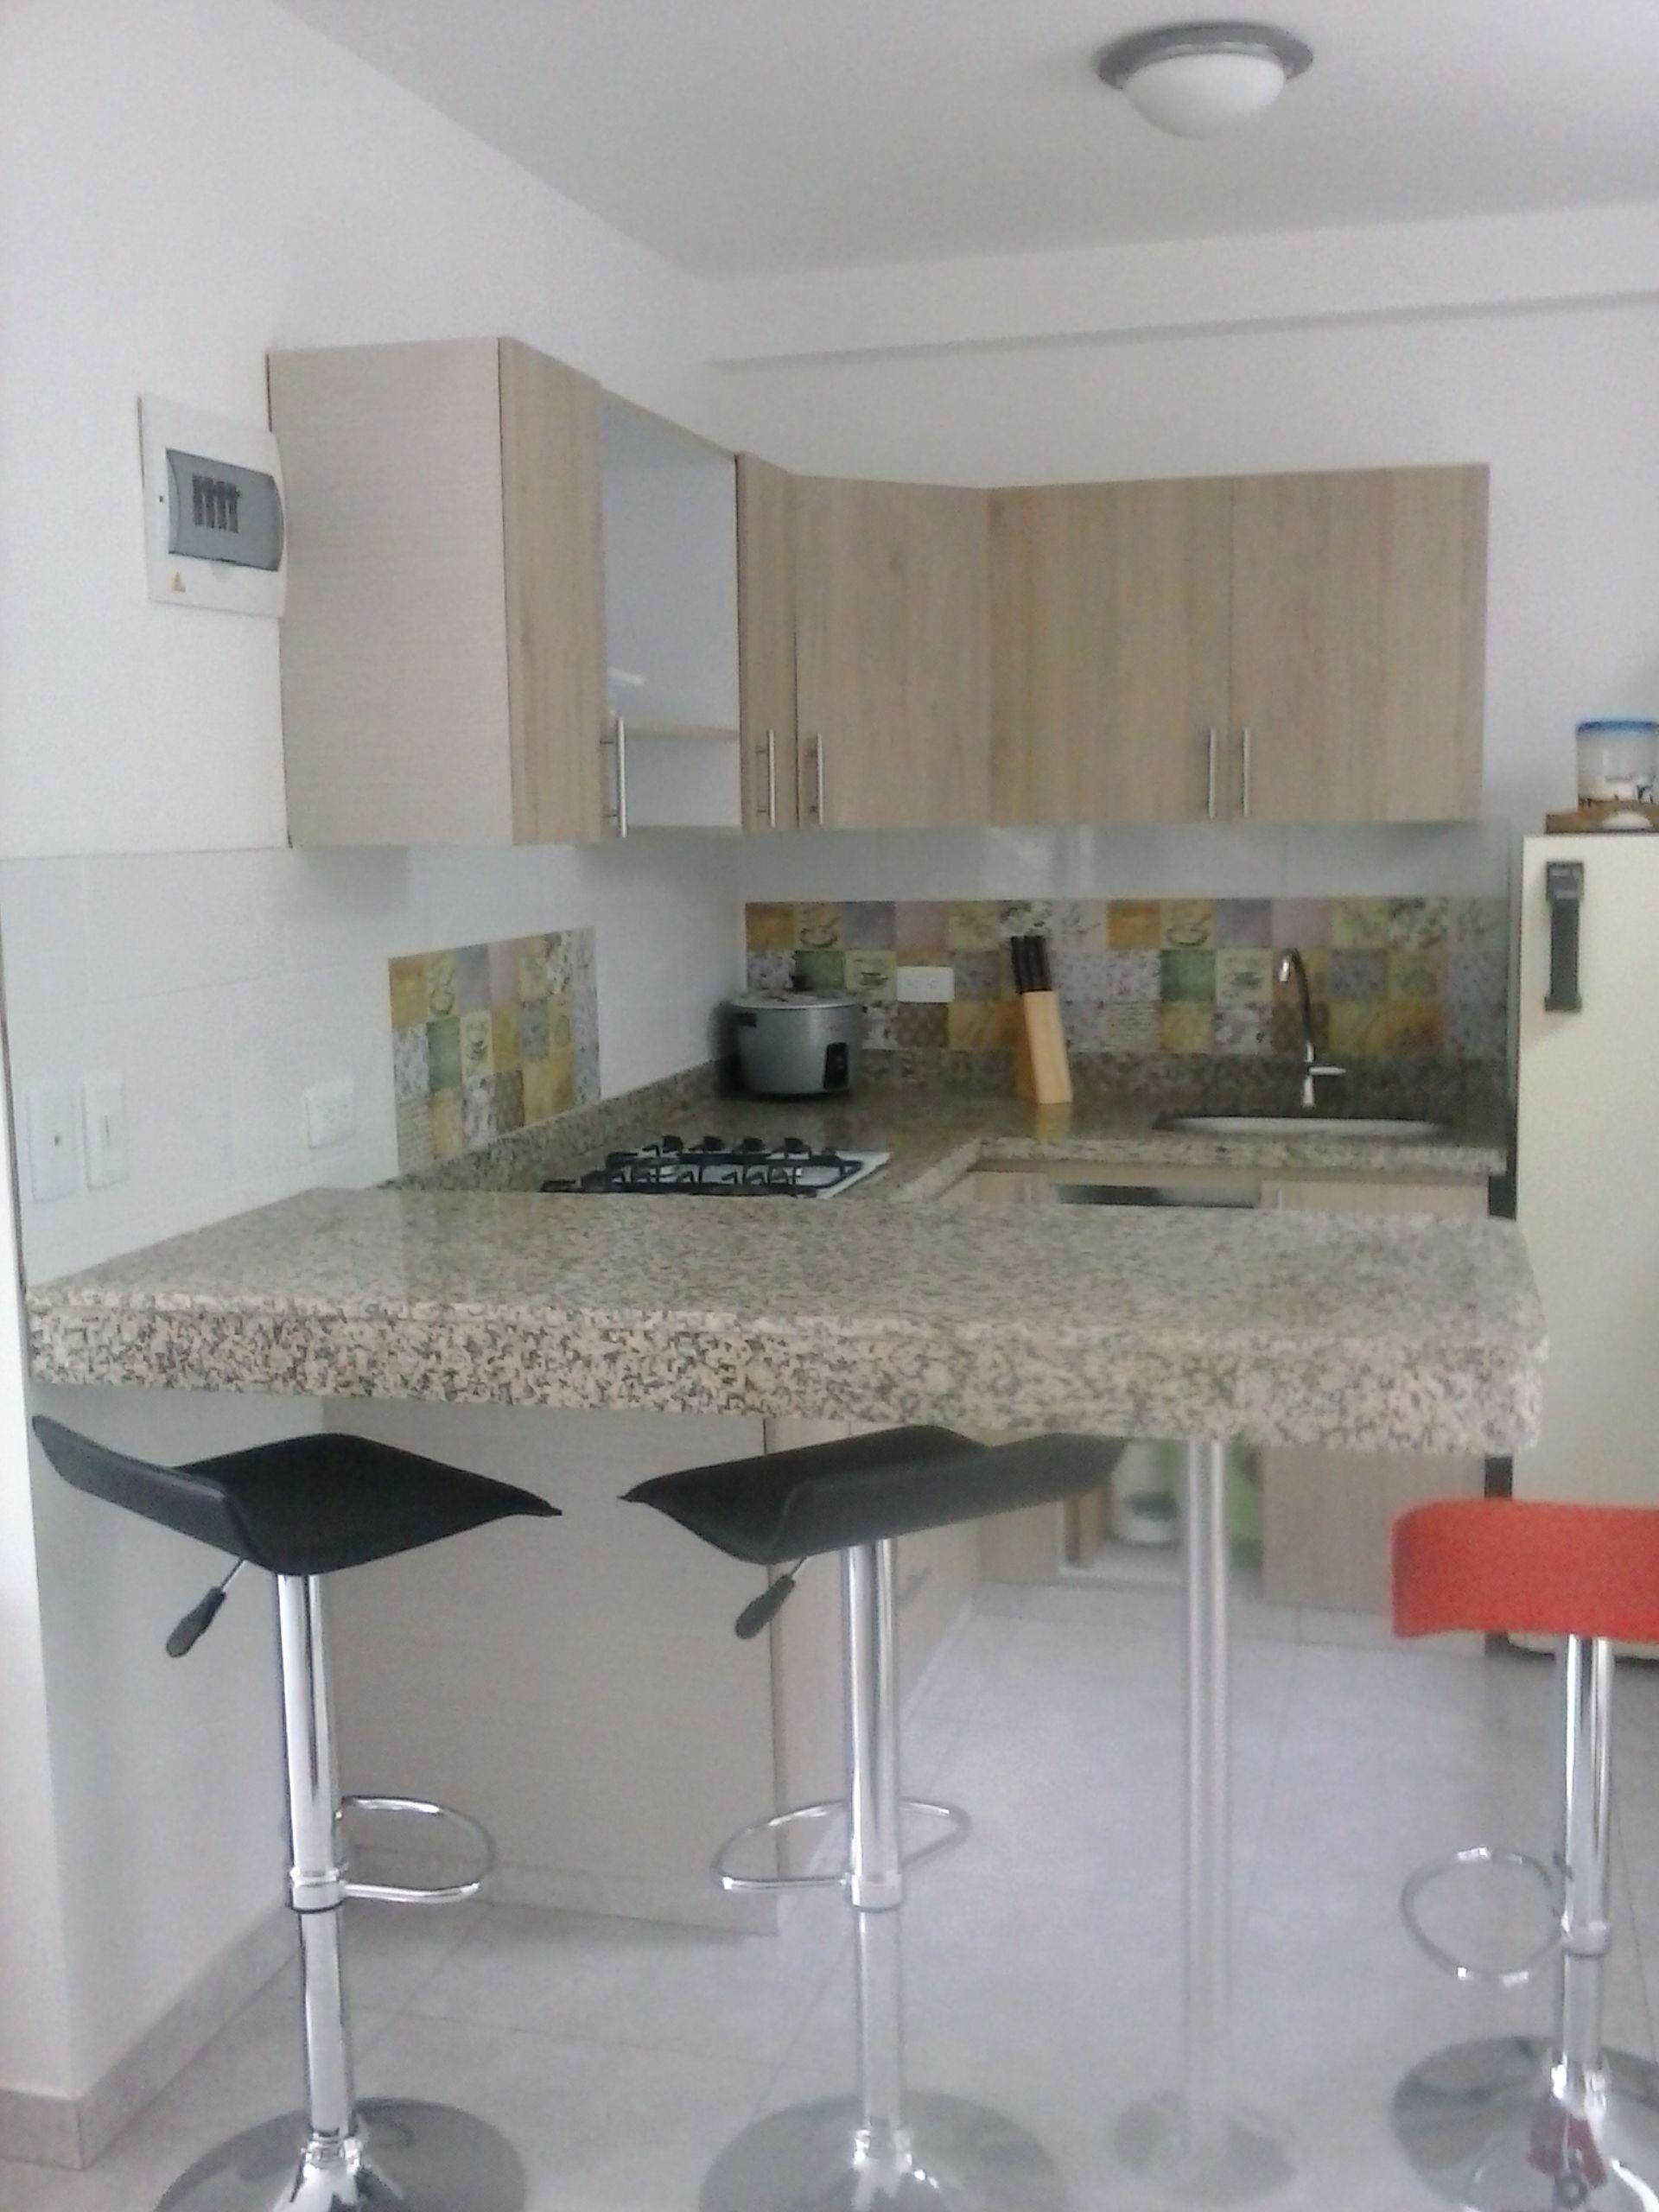 Fabricada por c g arte y decoraci n mes n en granito for Barras de granito para cocina